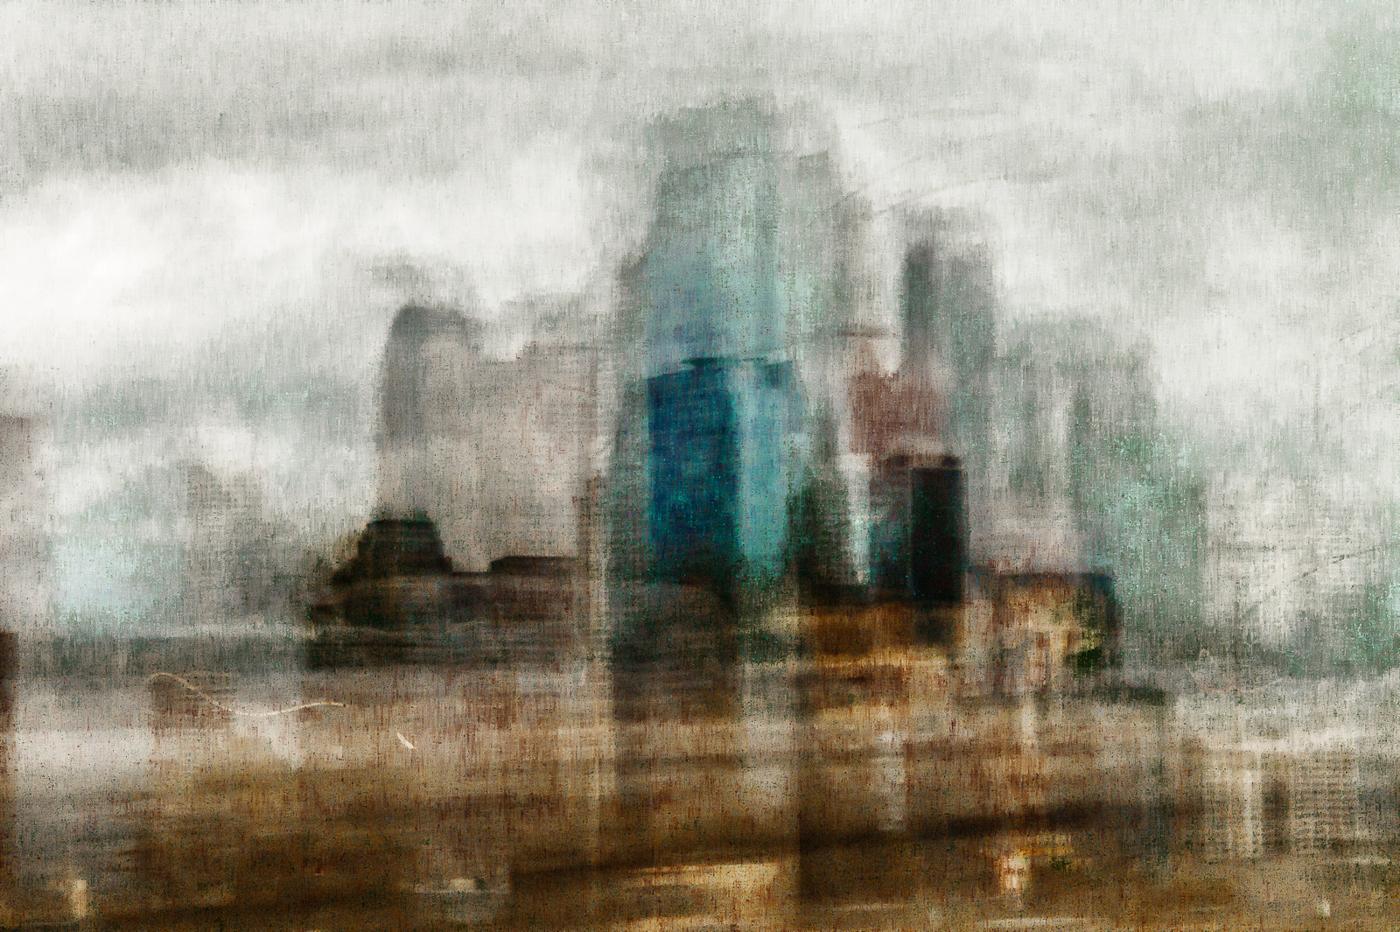 LA'scape no. 6653  © Sol Hill